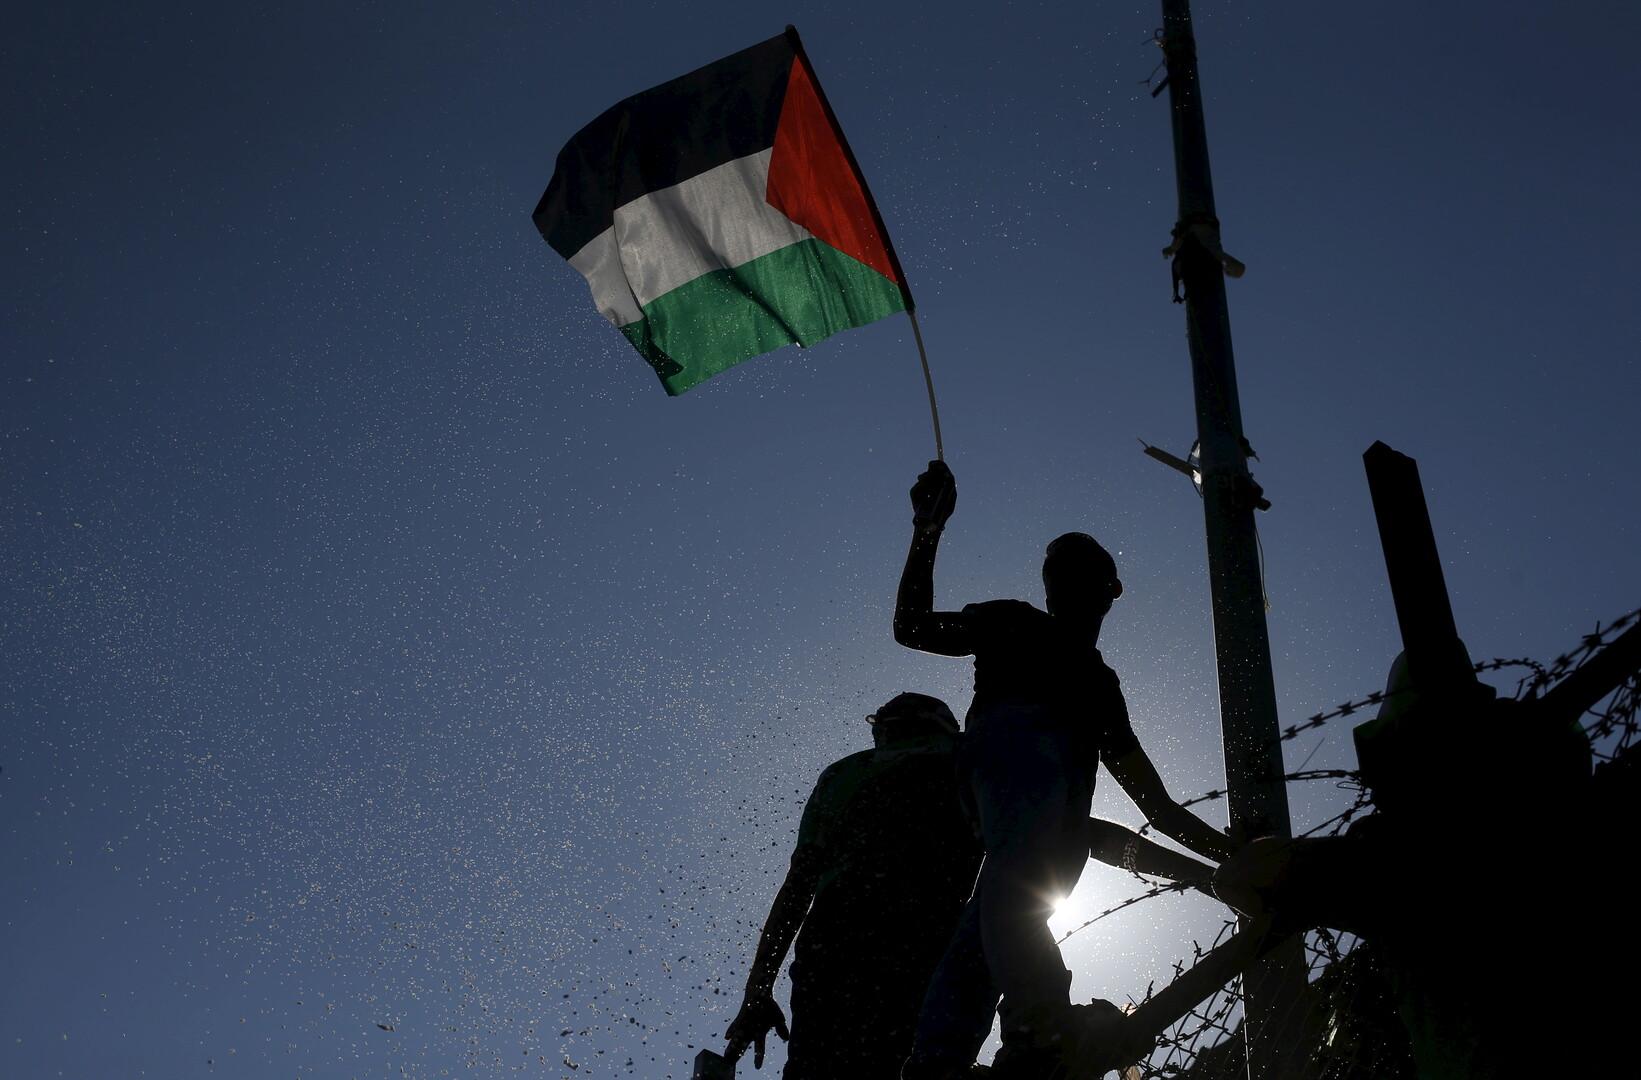 الخارجية الفلسطينية تدين زيارة نتنياهو للخليل وتحذر من نتائجها